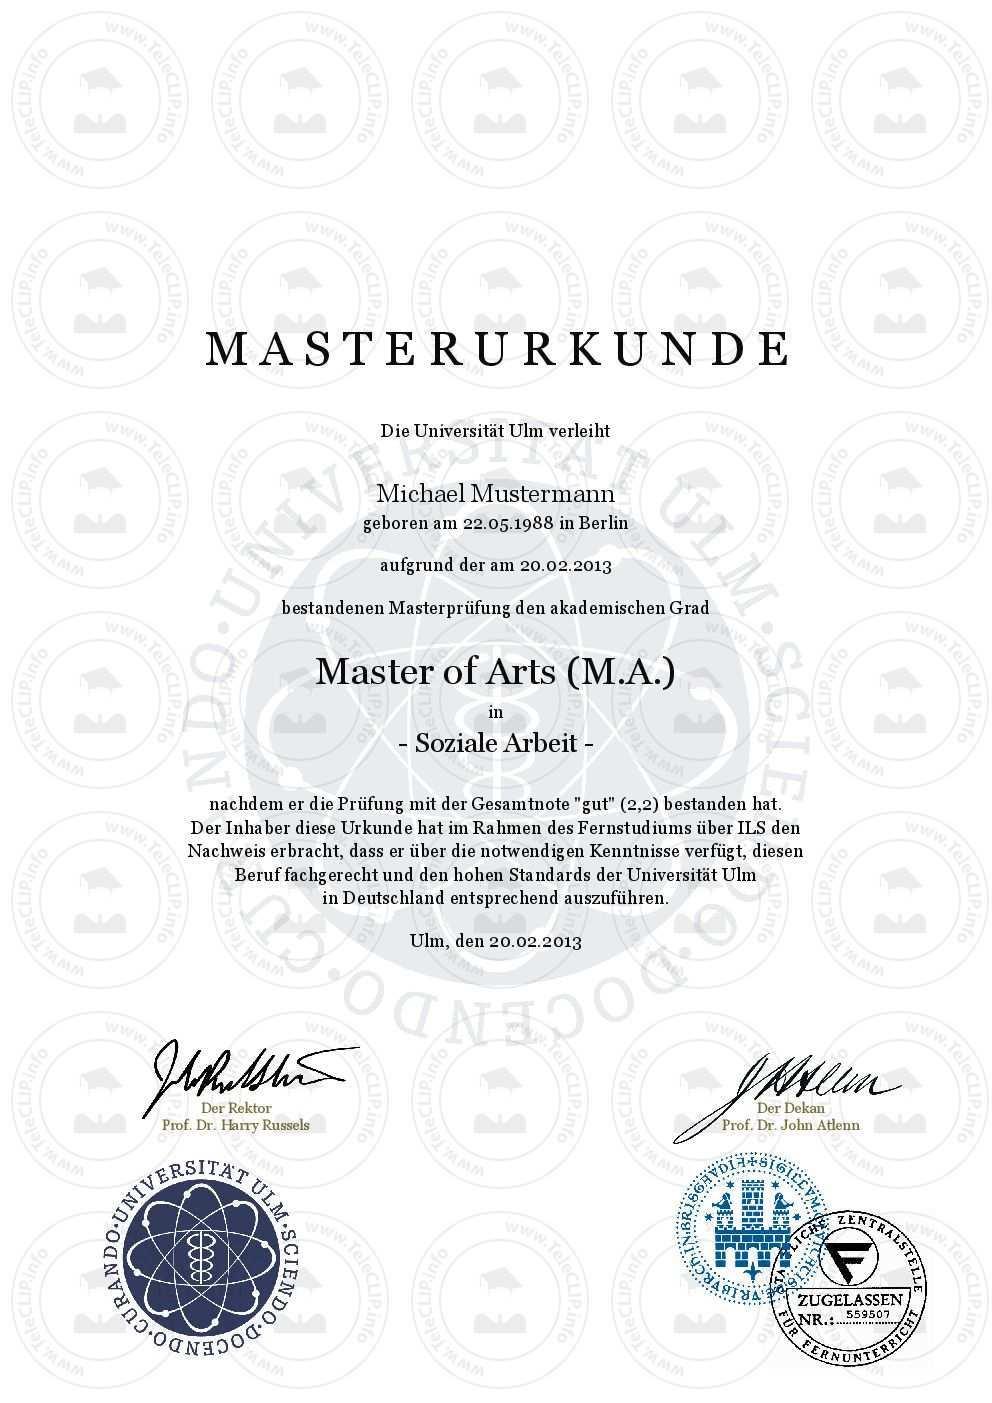 Master Bachelor Diplom Kaufen Universitat Ulm Ulm University Master Urkunde Universitat Ulm Einfach Online Kaufen Frei Zu Gest Bachelor Urkunde Master